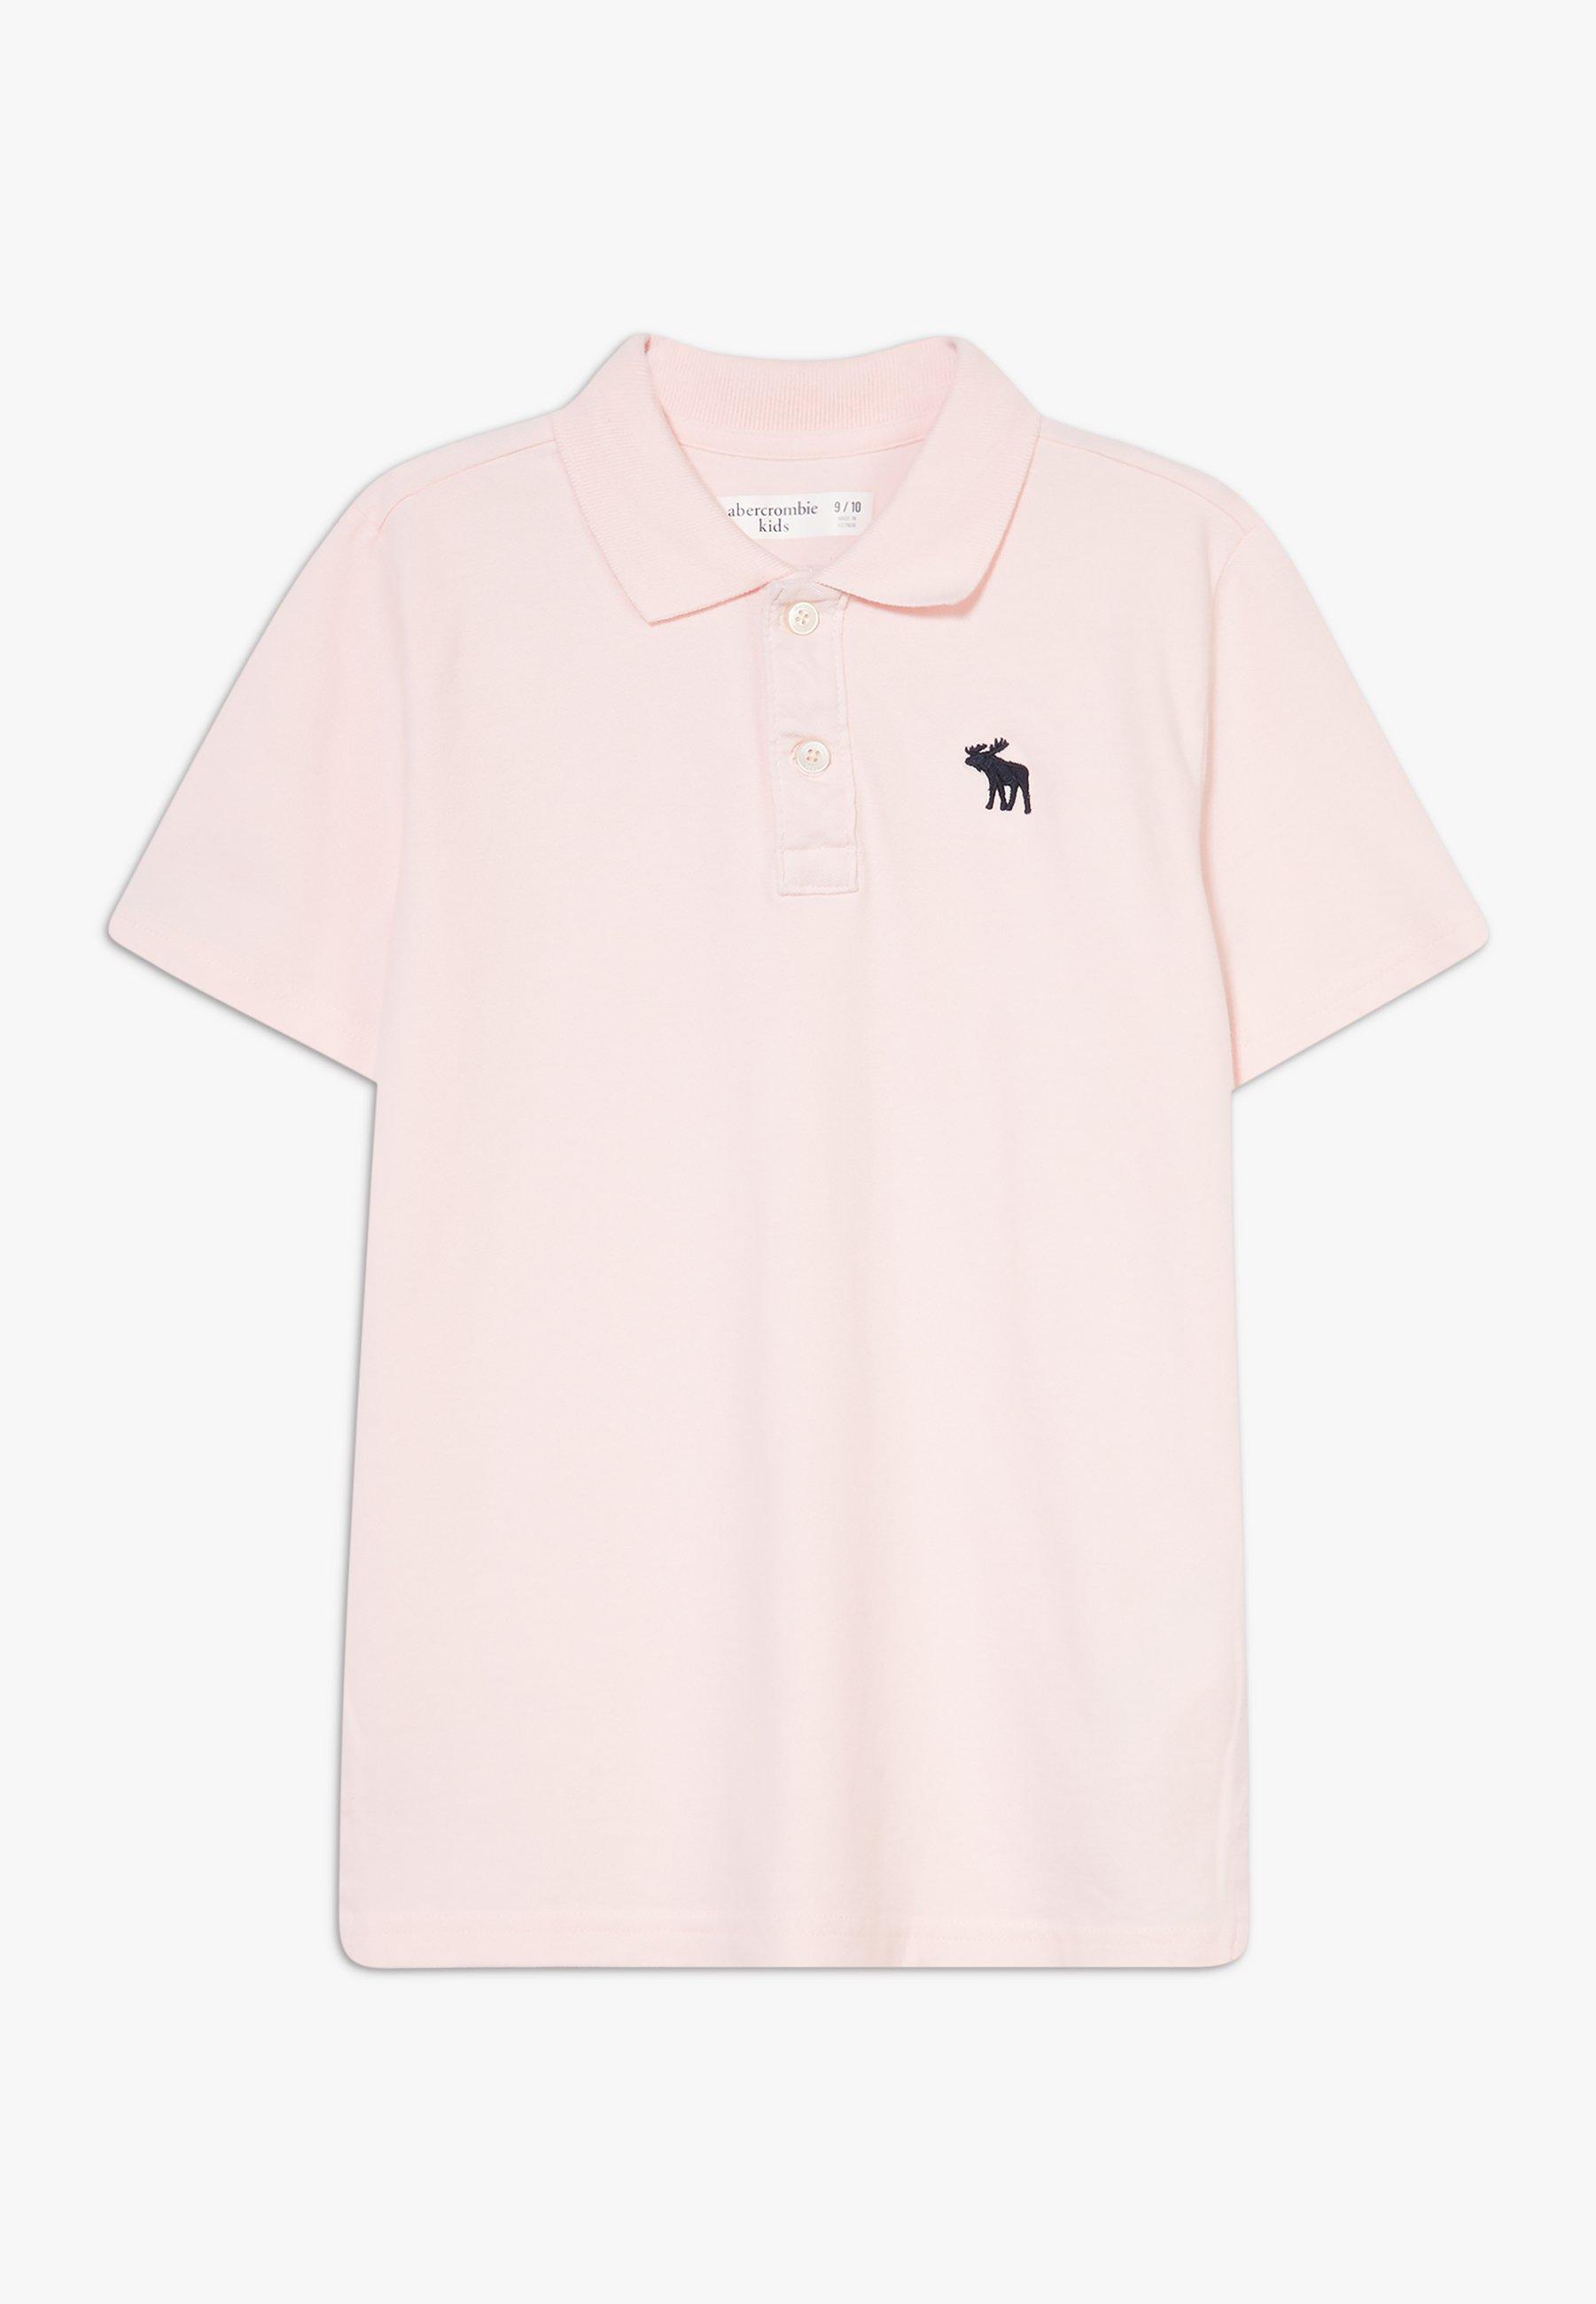 Große Förderung Abercrombie & Fitch Poloshirt - pink   Damenbekleidung 2020